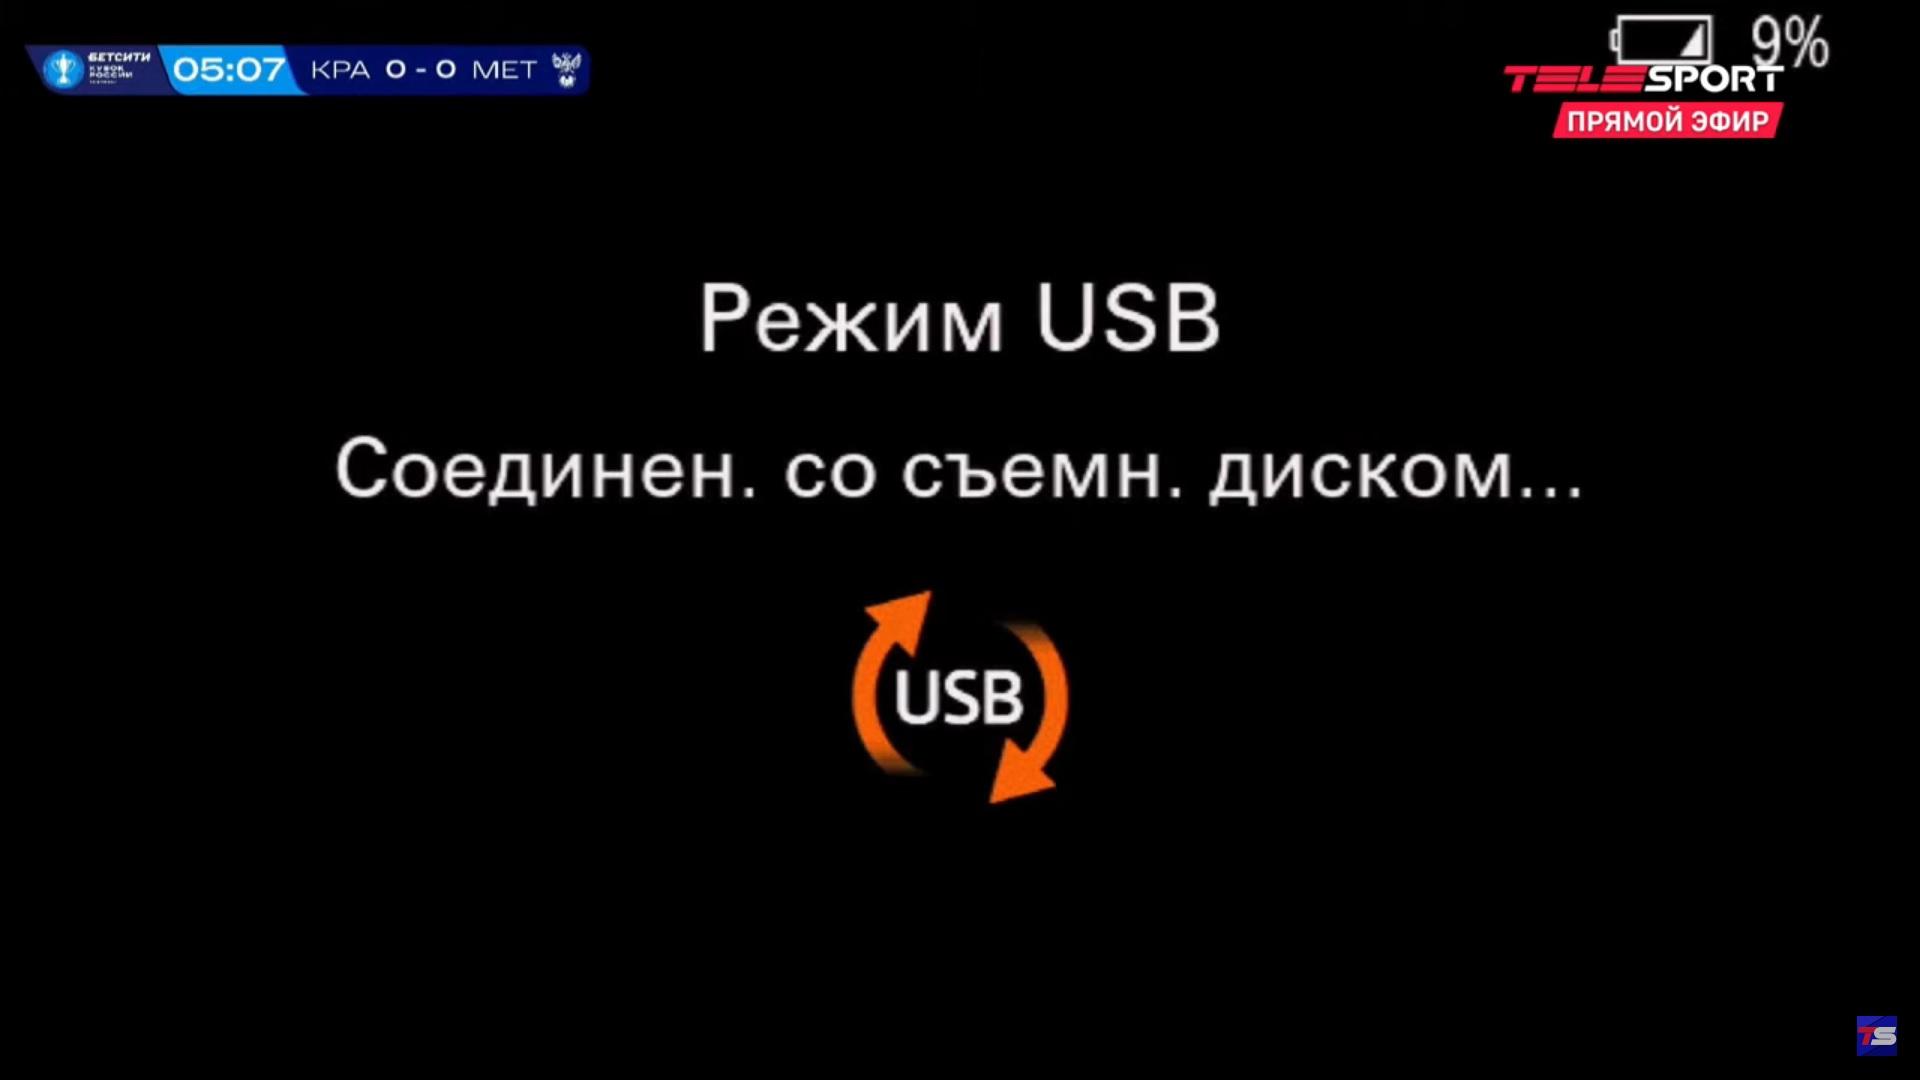 Сюжеты Кубка России: «Красава» победил, «Амкар» вылетел, Павлюченко ассистировал пяткой